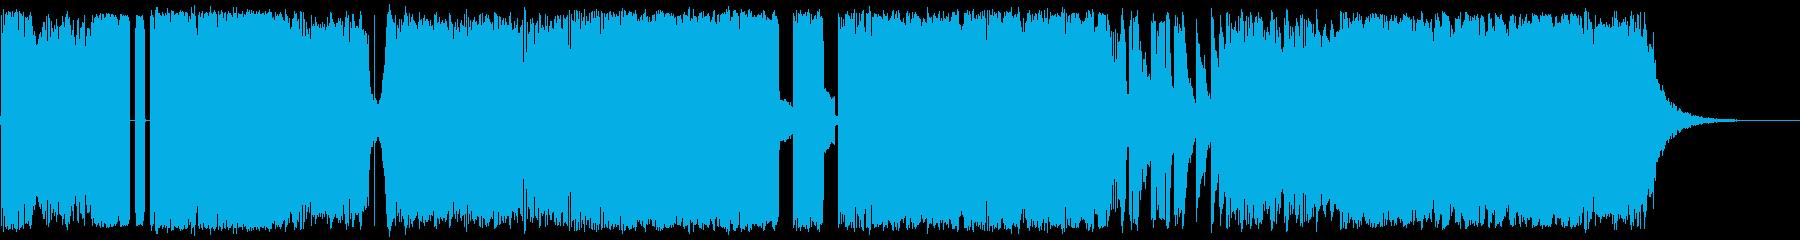 テレビゲーム エレキギター エレクトロの再生済みの波形